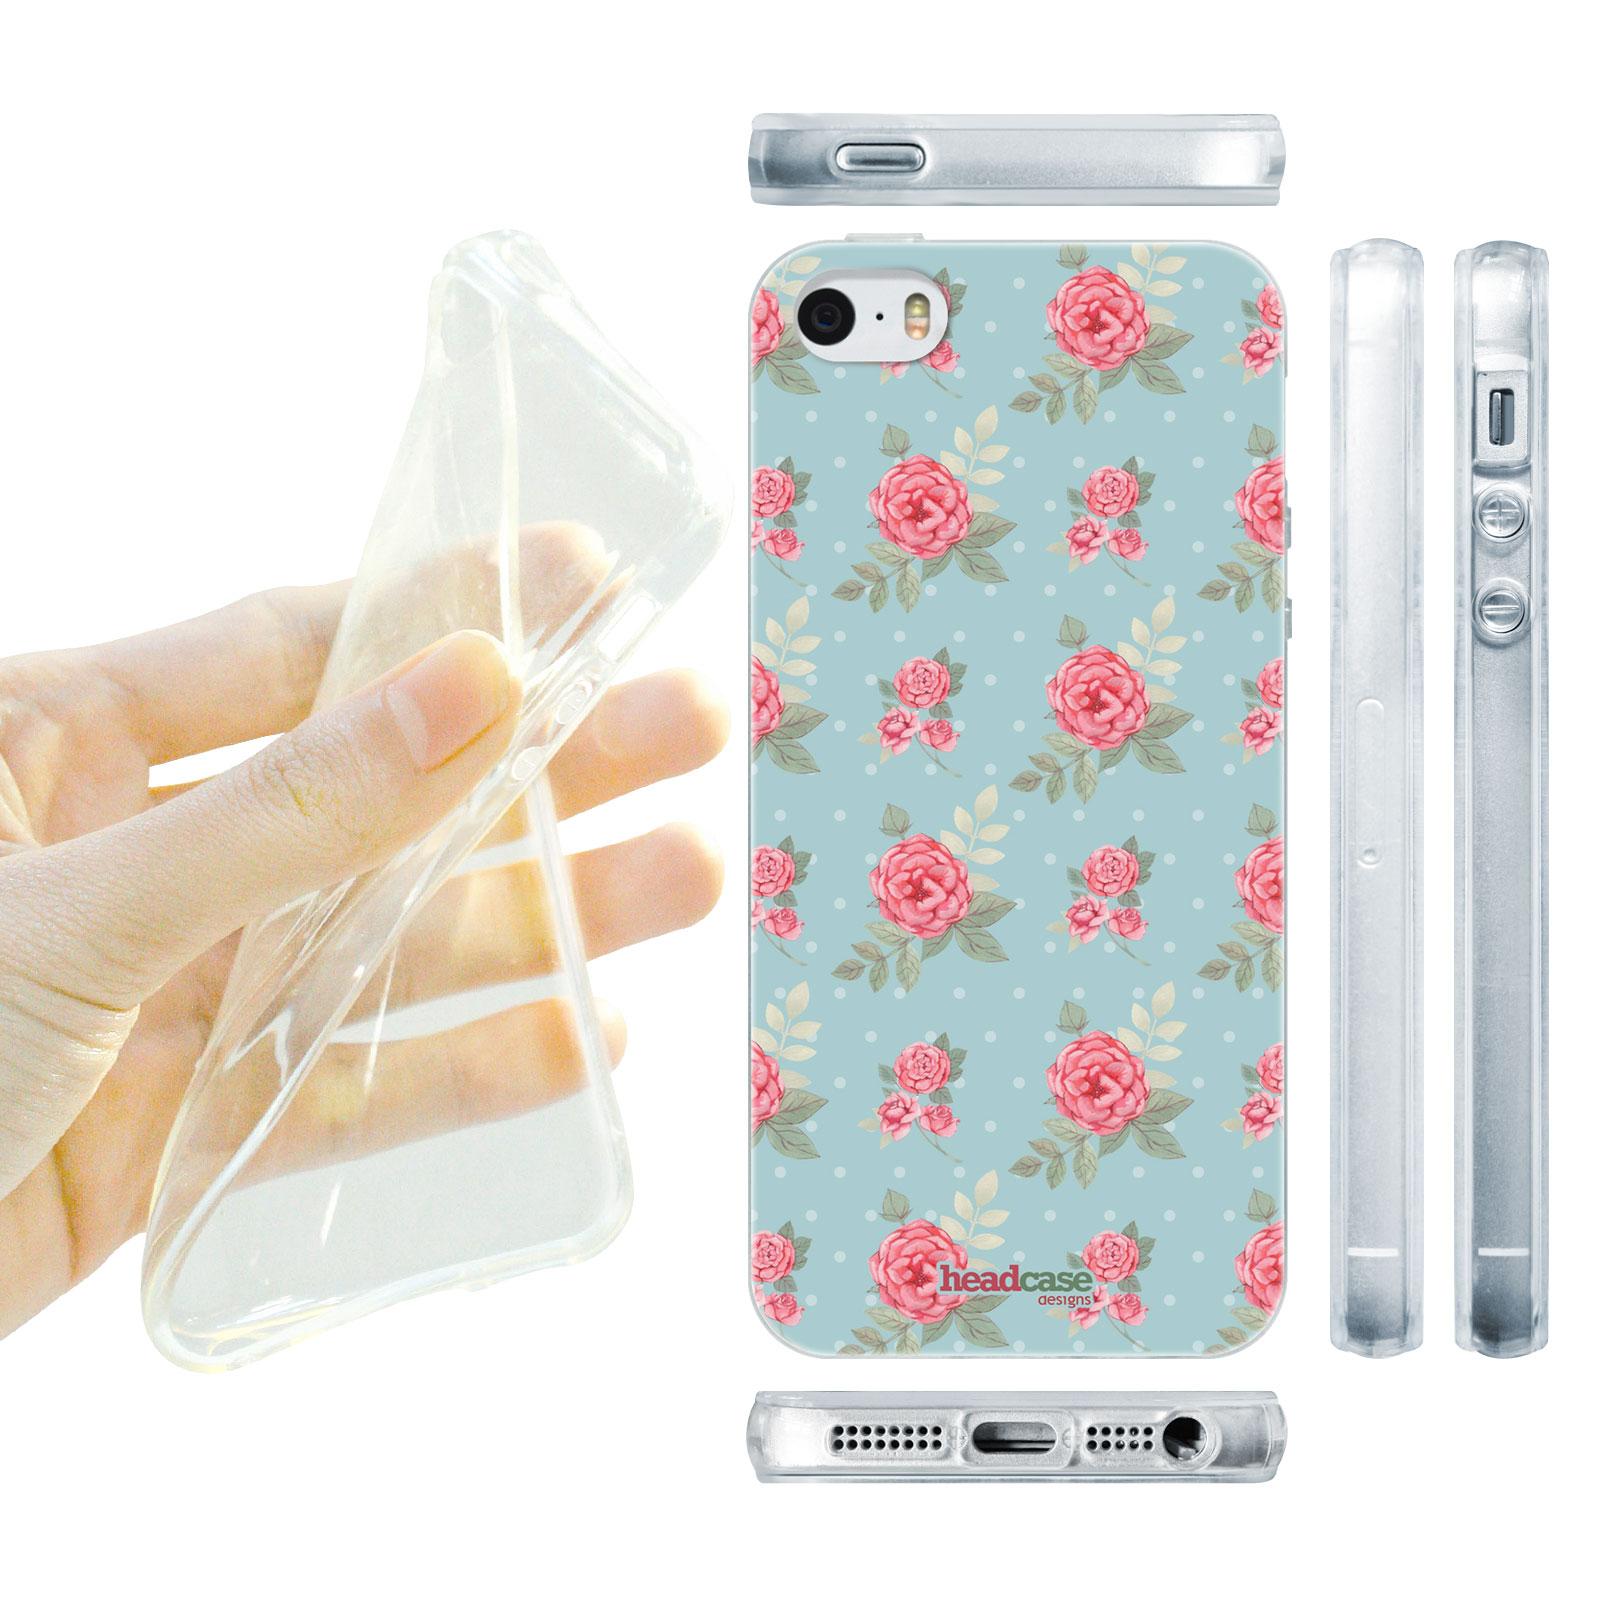 Kryty Obaly A Pouzdra Na Mobilni Telefon Acer Liquid Z520